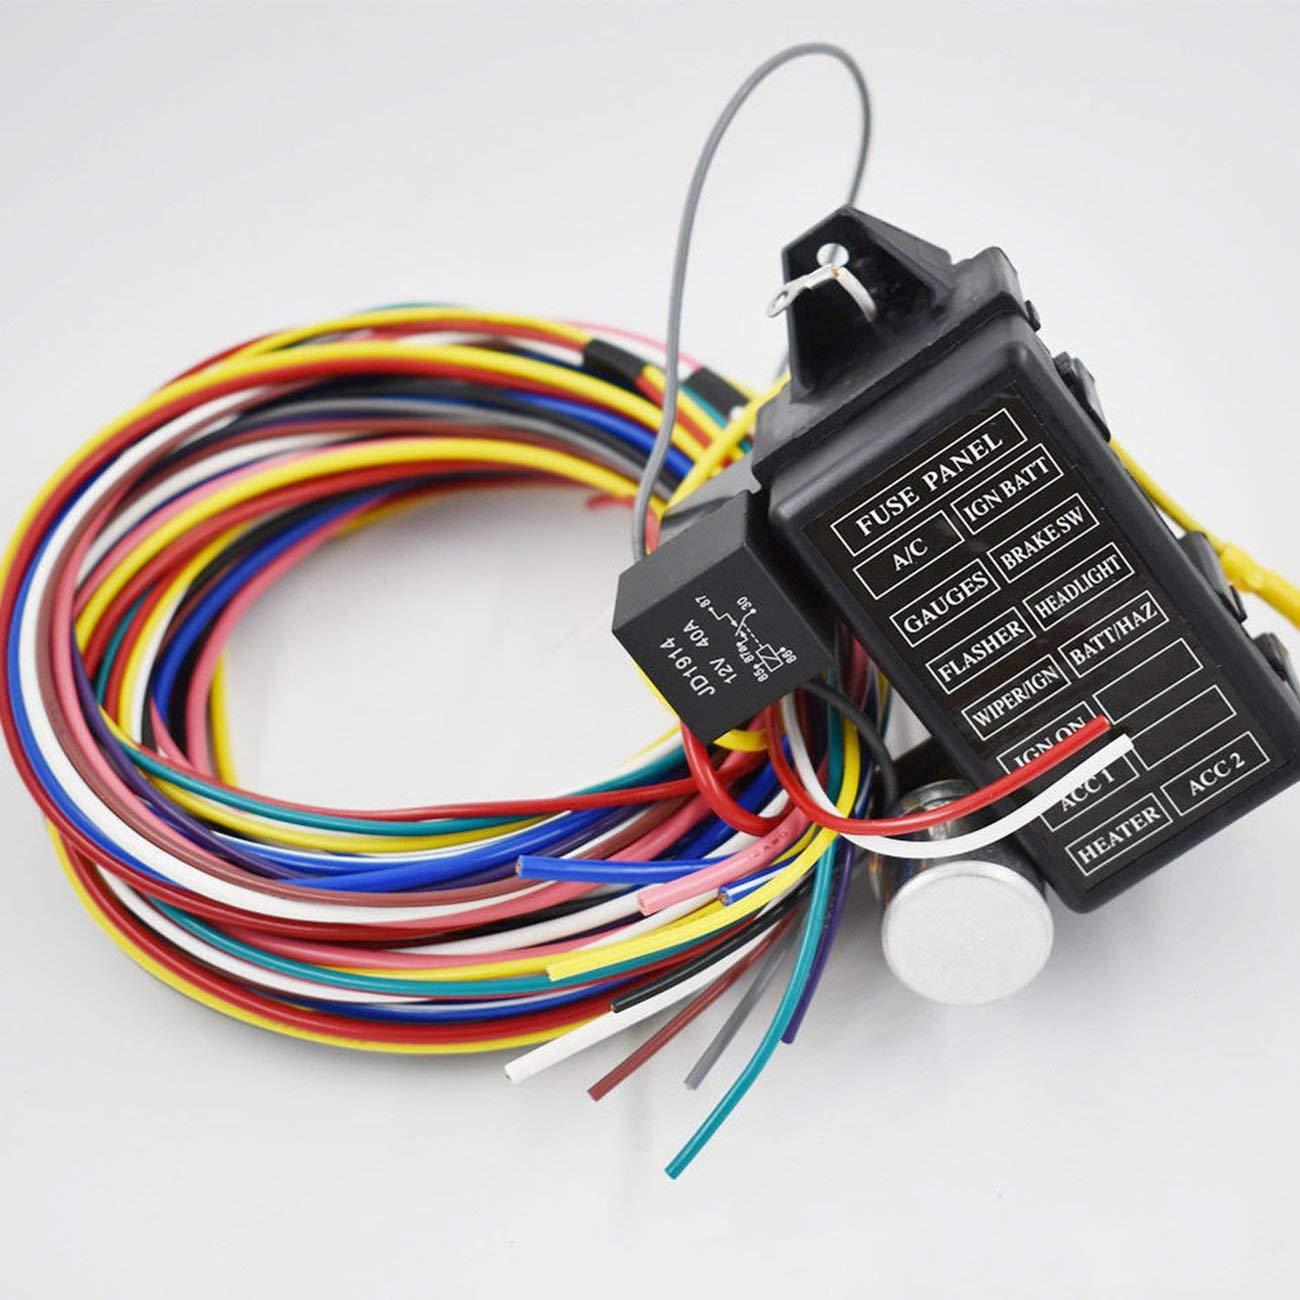 LasVogos Arnés de cableado Universal de 12 circuitos para los alambres de Rod XL de Rod de Calle del automóvil del Coche del músculo: Amazon.es: Juguetes y ...